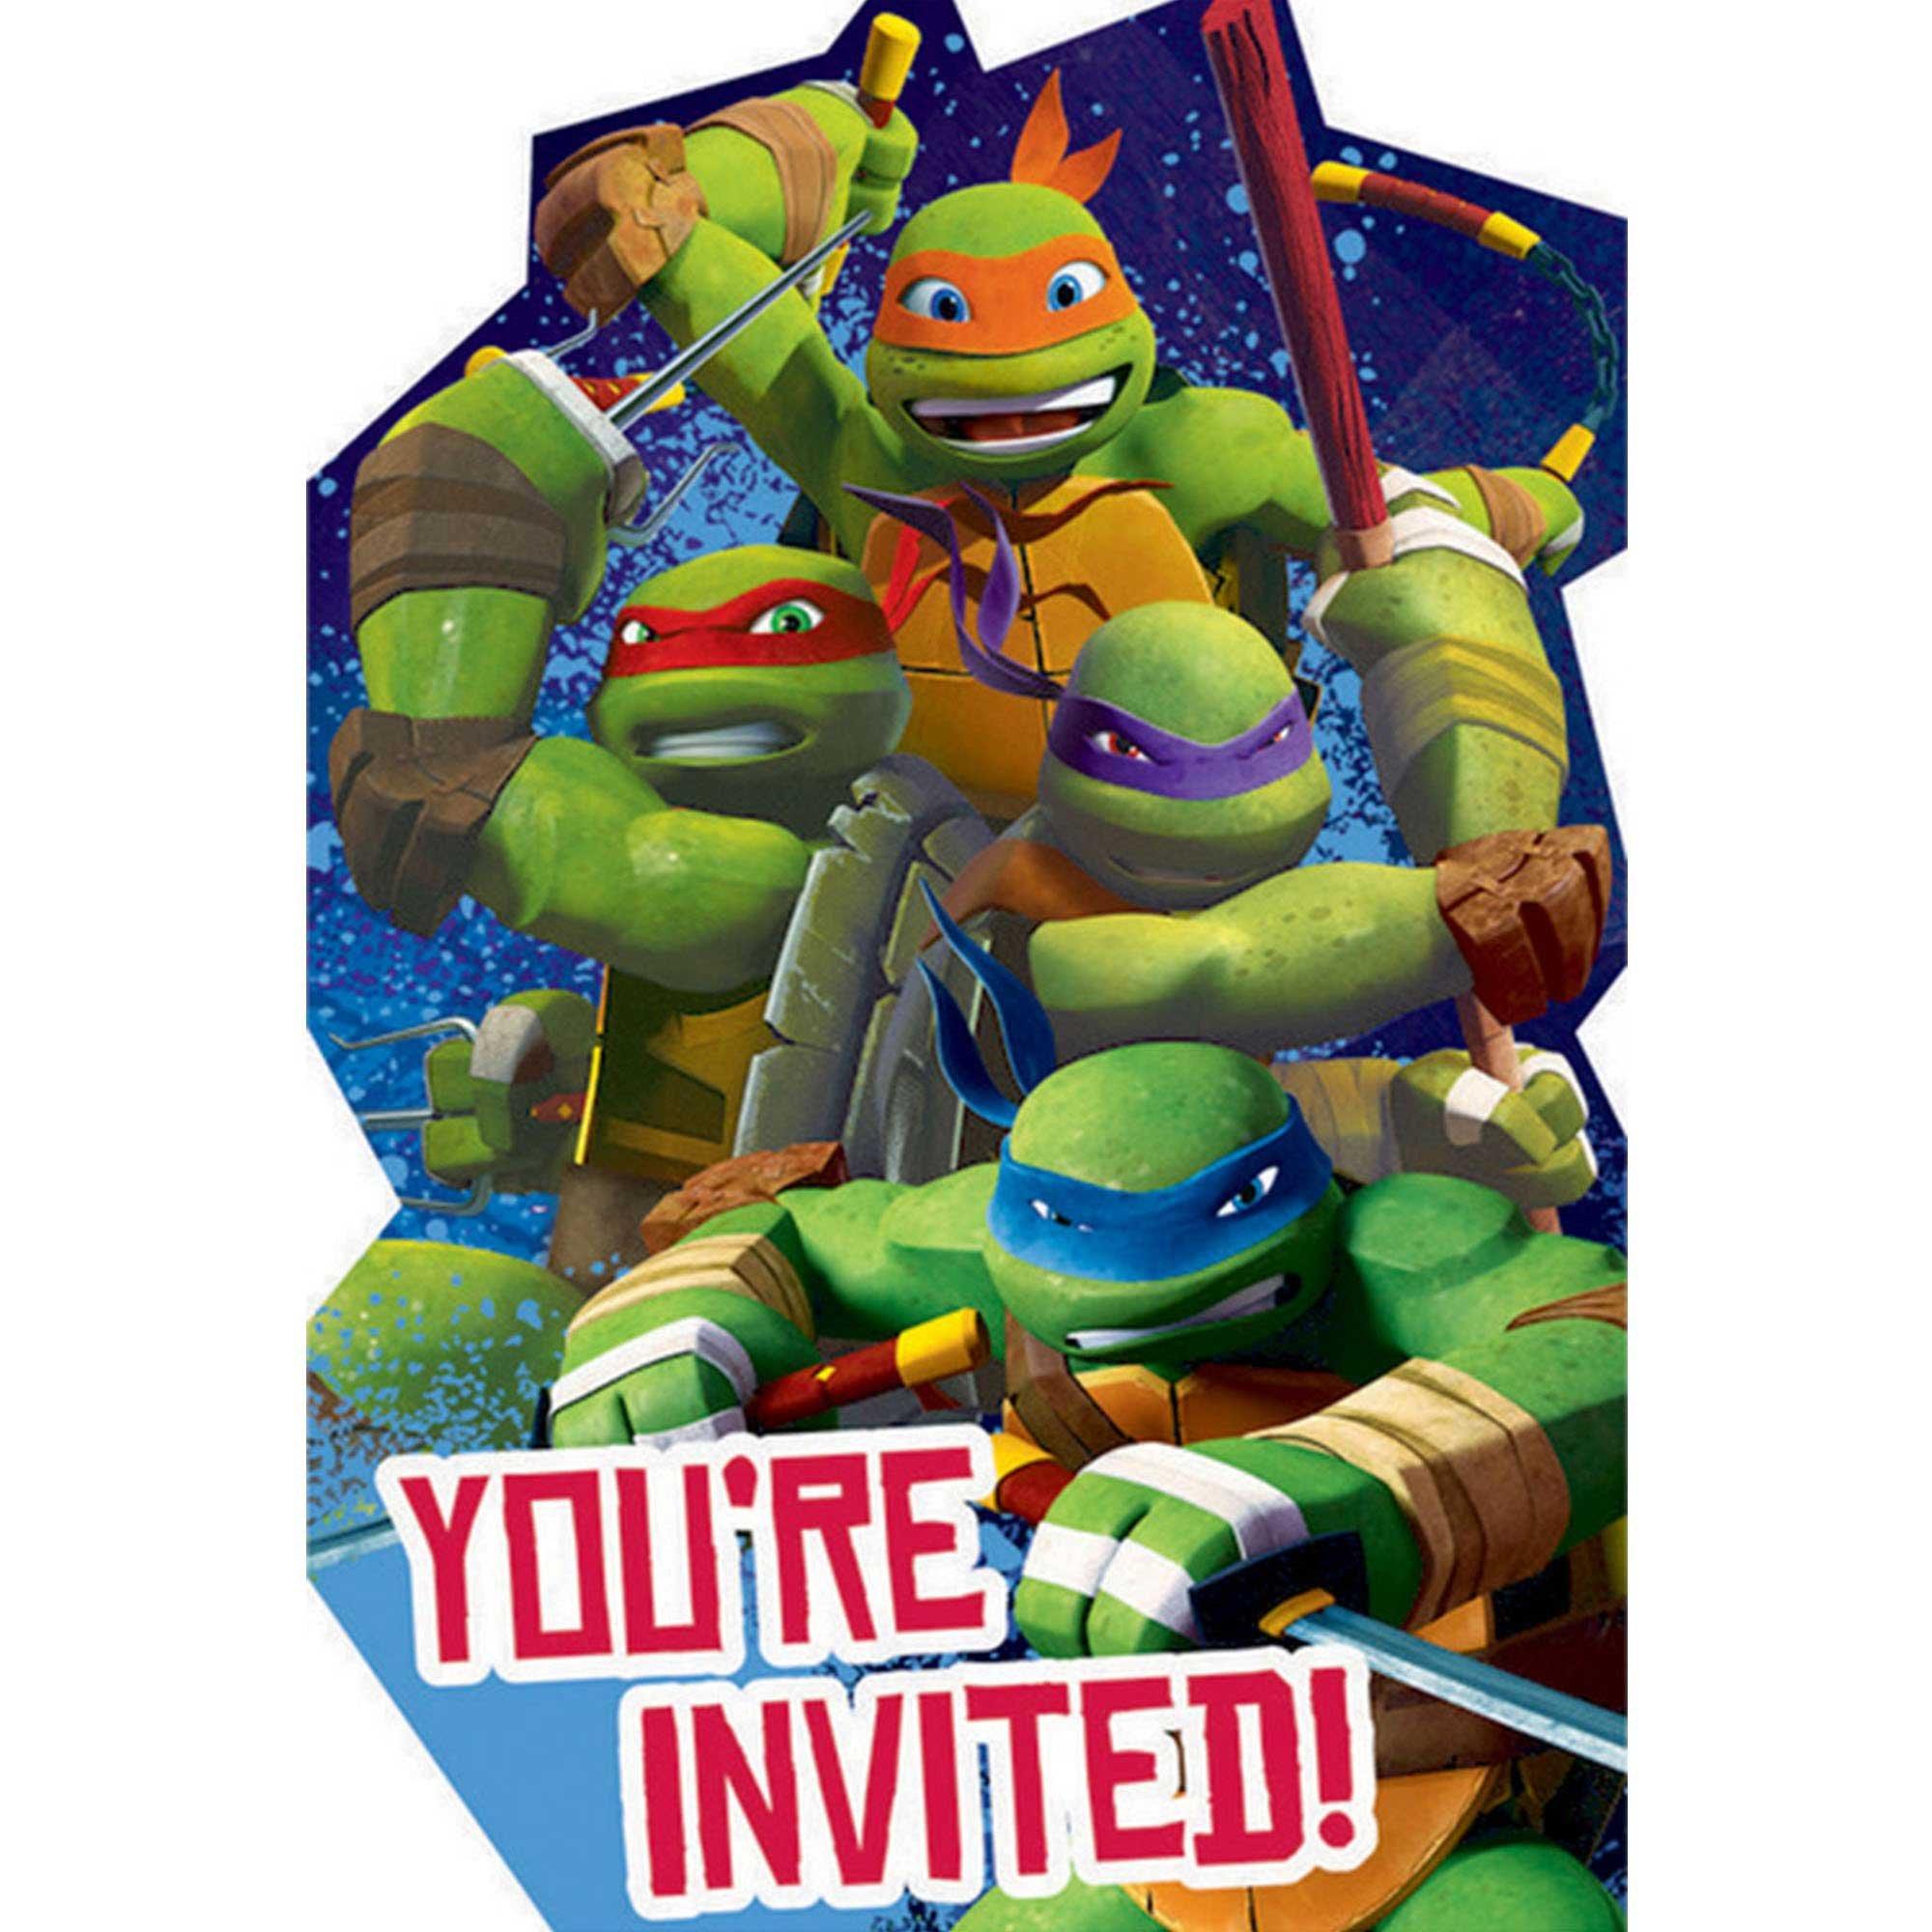 Teenage Mutant Ninja Turtles Postcard Invitations